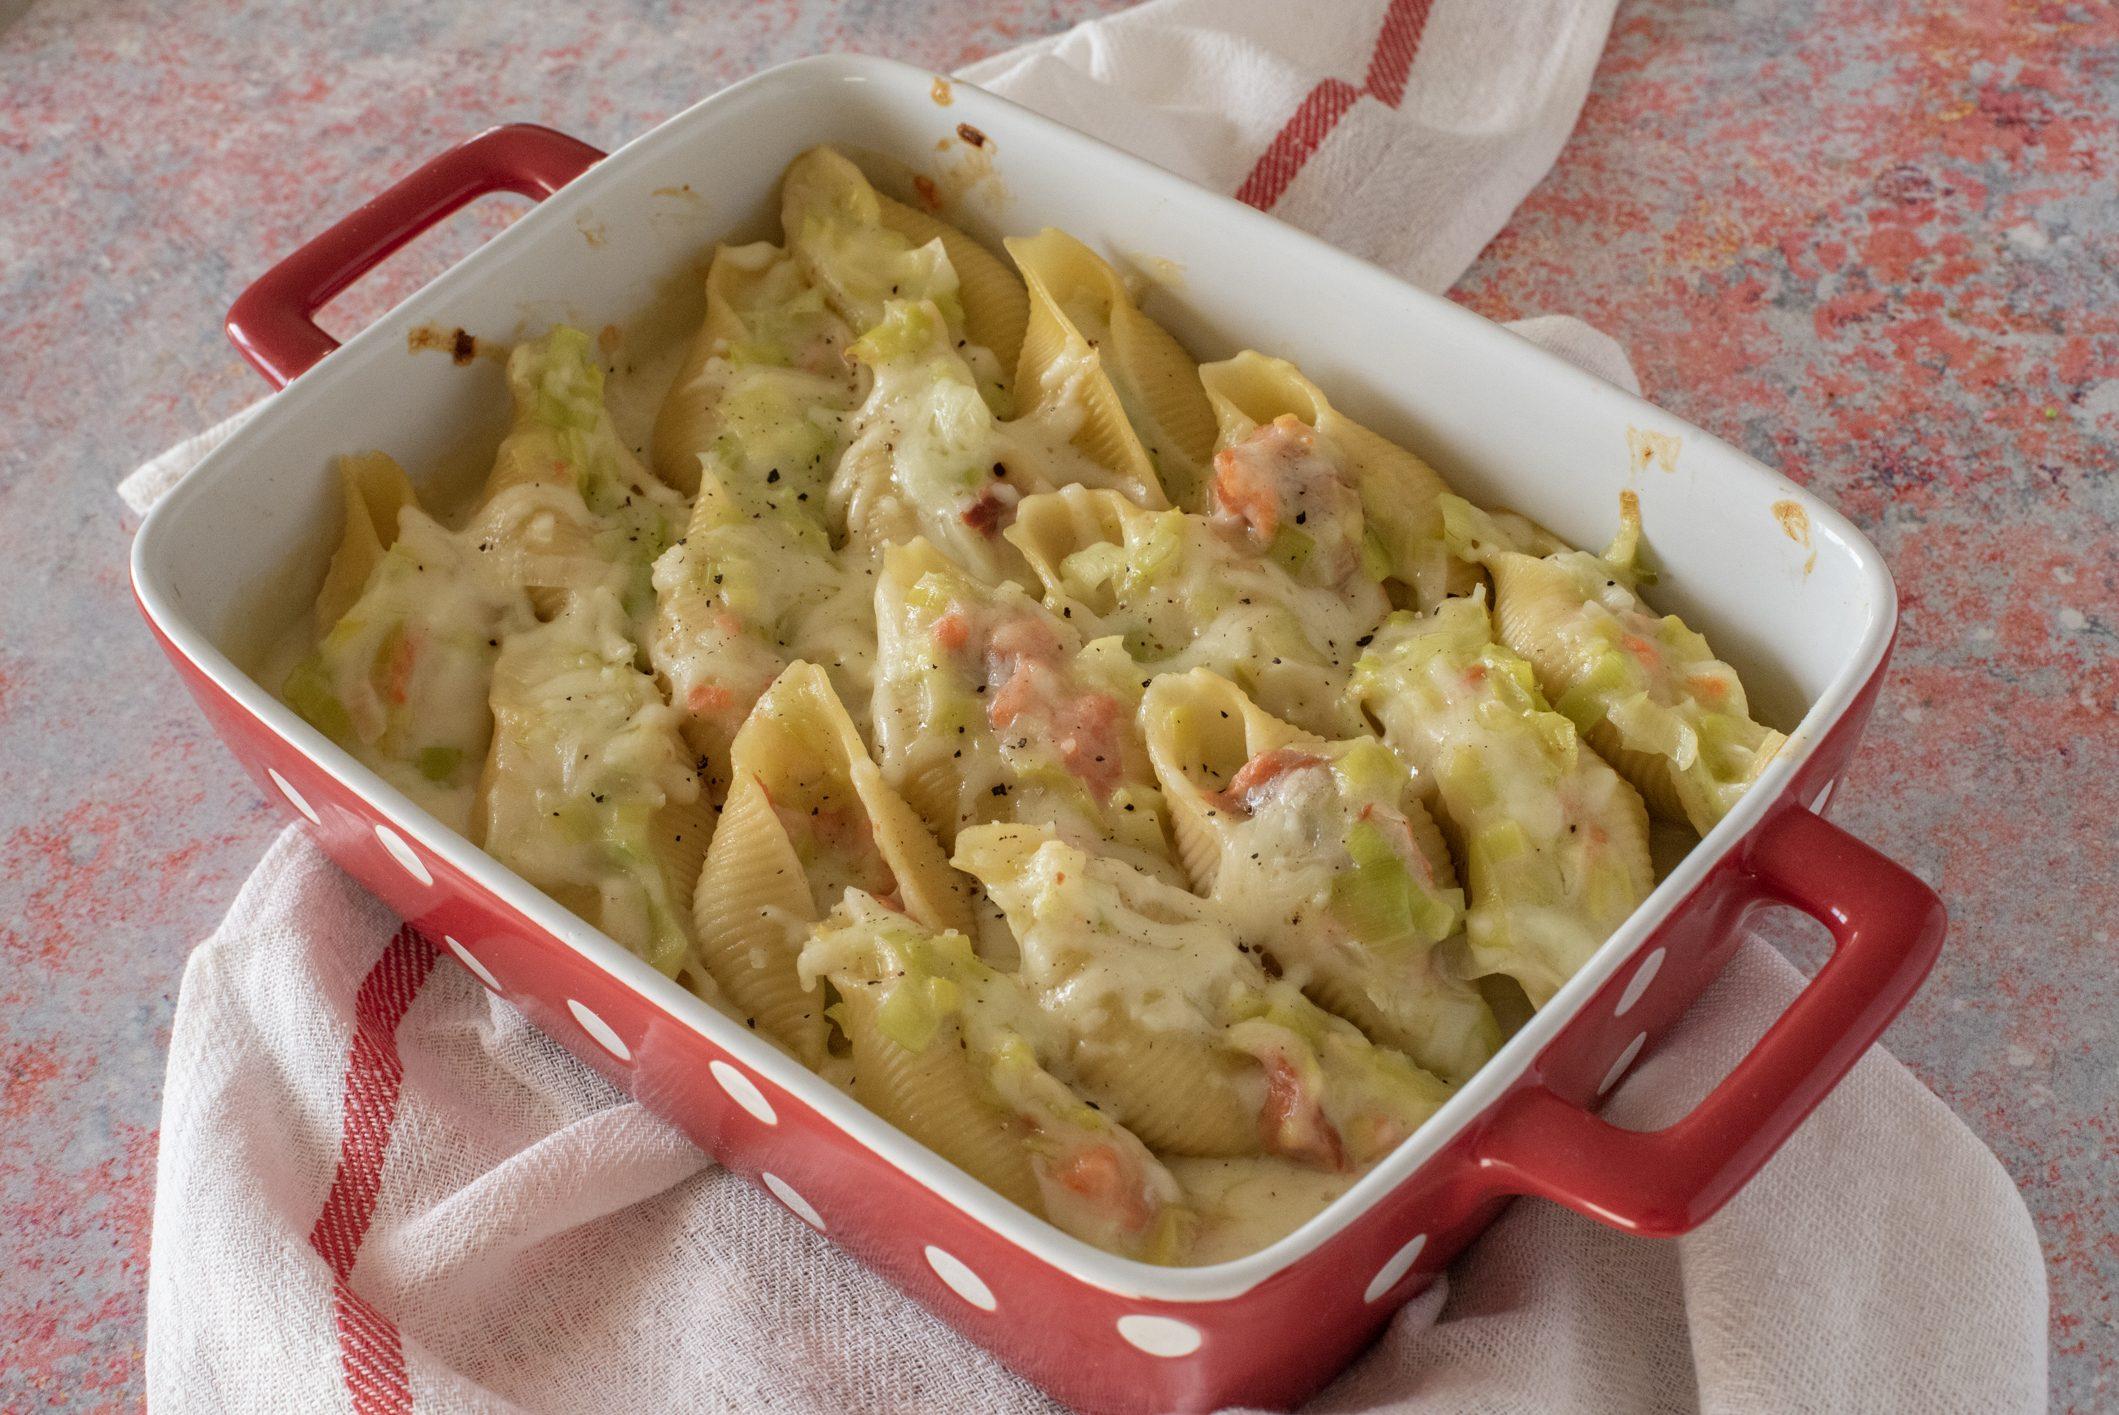 Conchiglioni con salmone e porri: la ricetta del piatto gustoso e raffinato